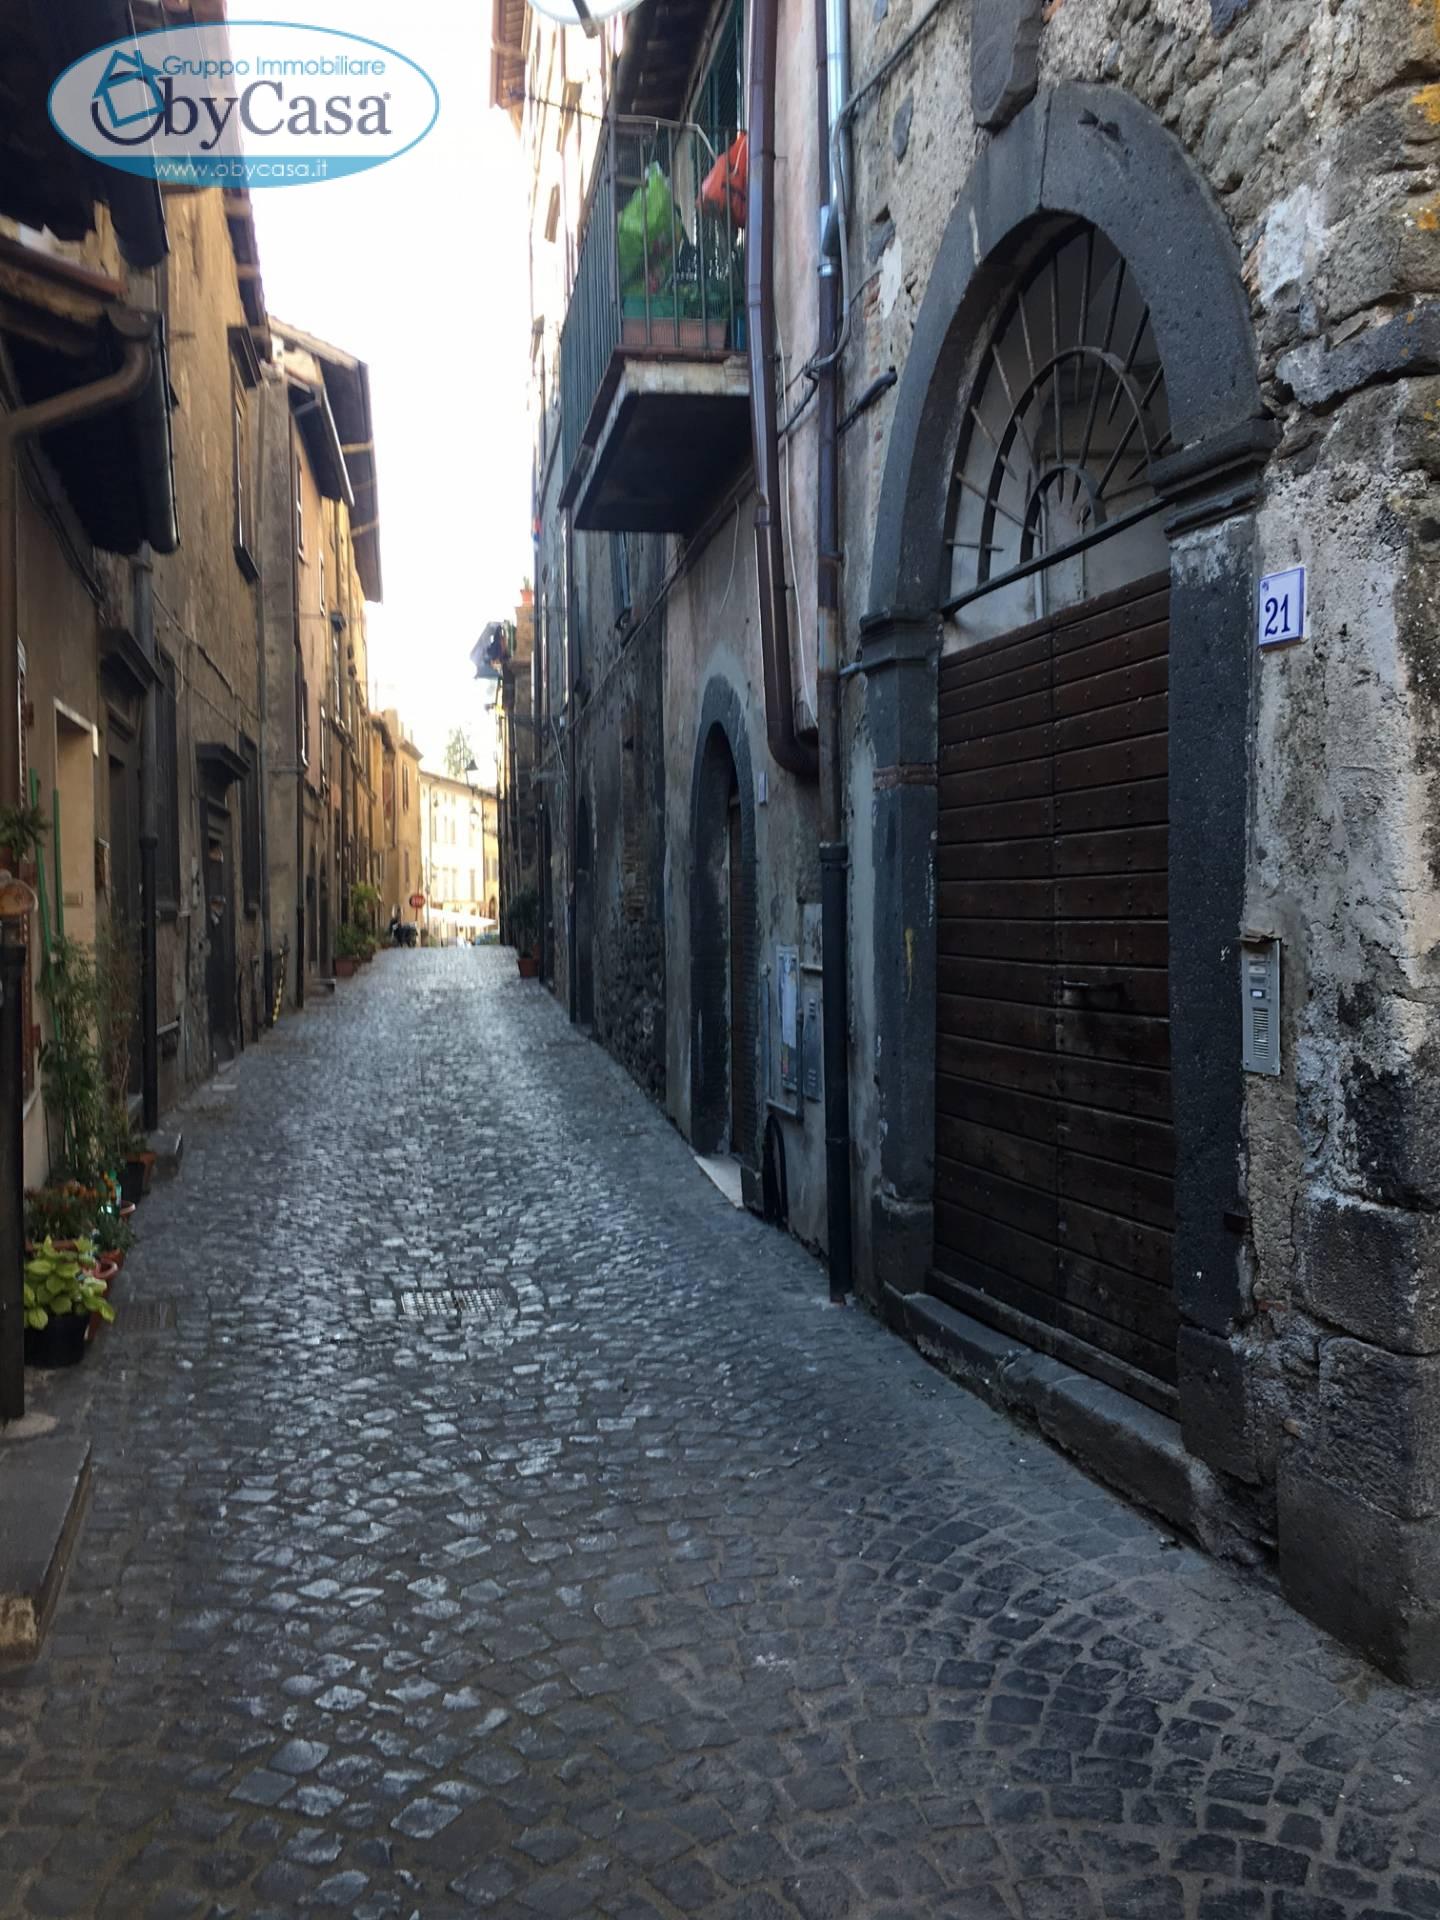 Appartamento in vendita a Bracciano, 3 locali, zona Località: centrostorico, prezzo € 165.000 | CambioCasa.it